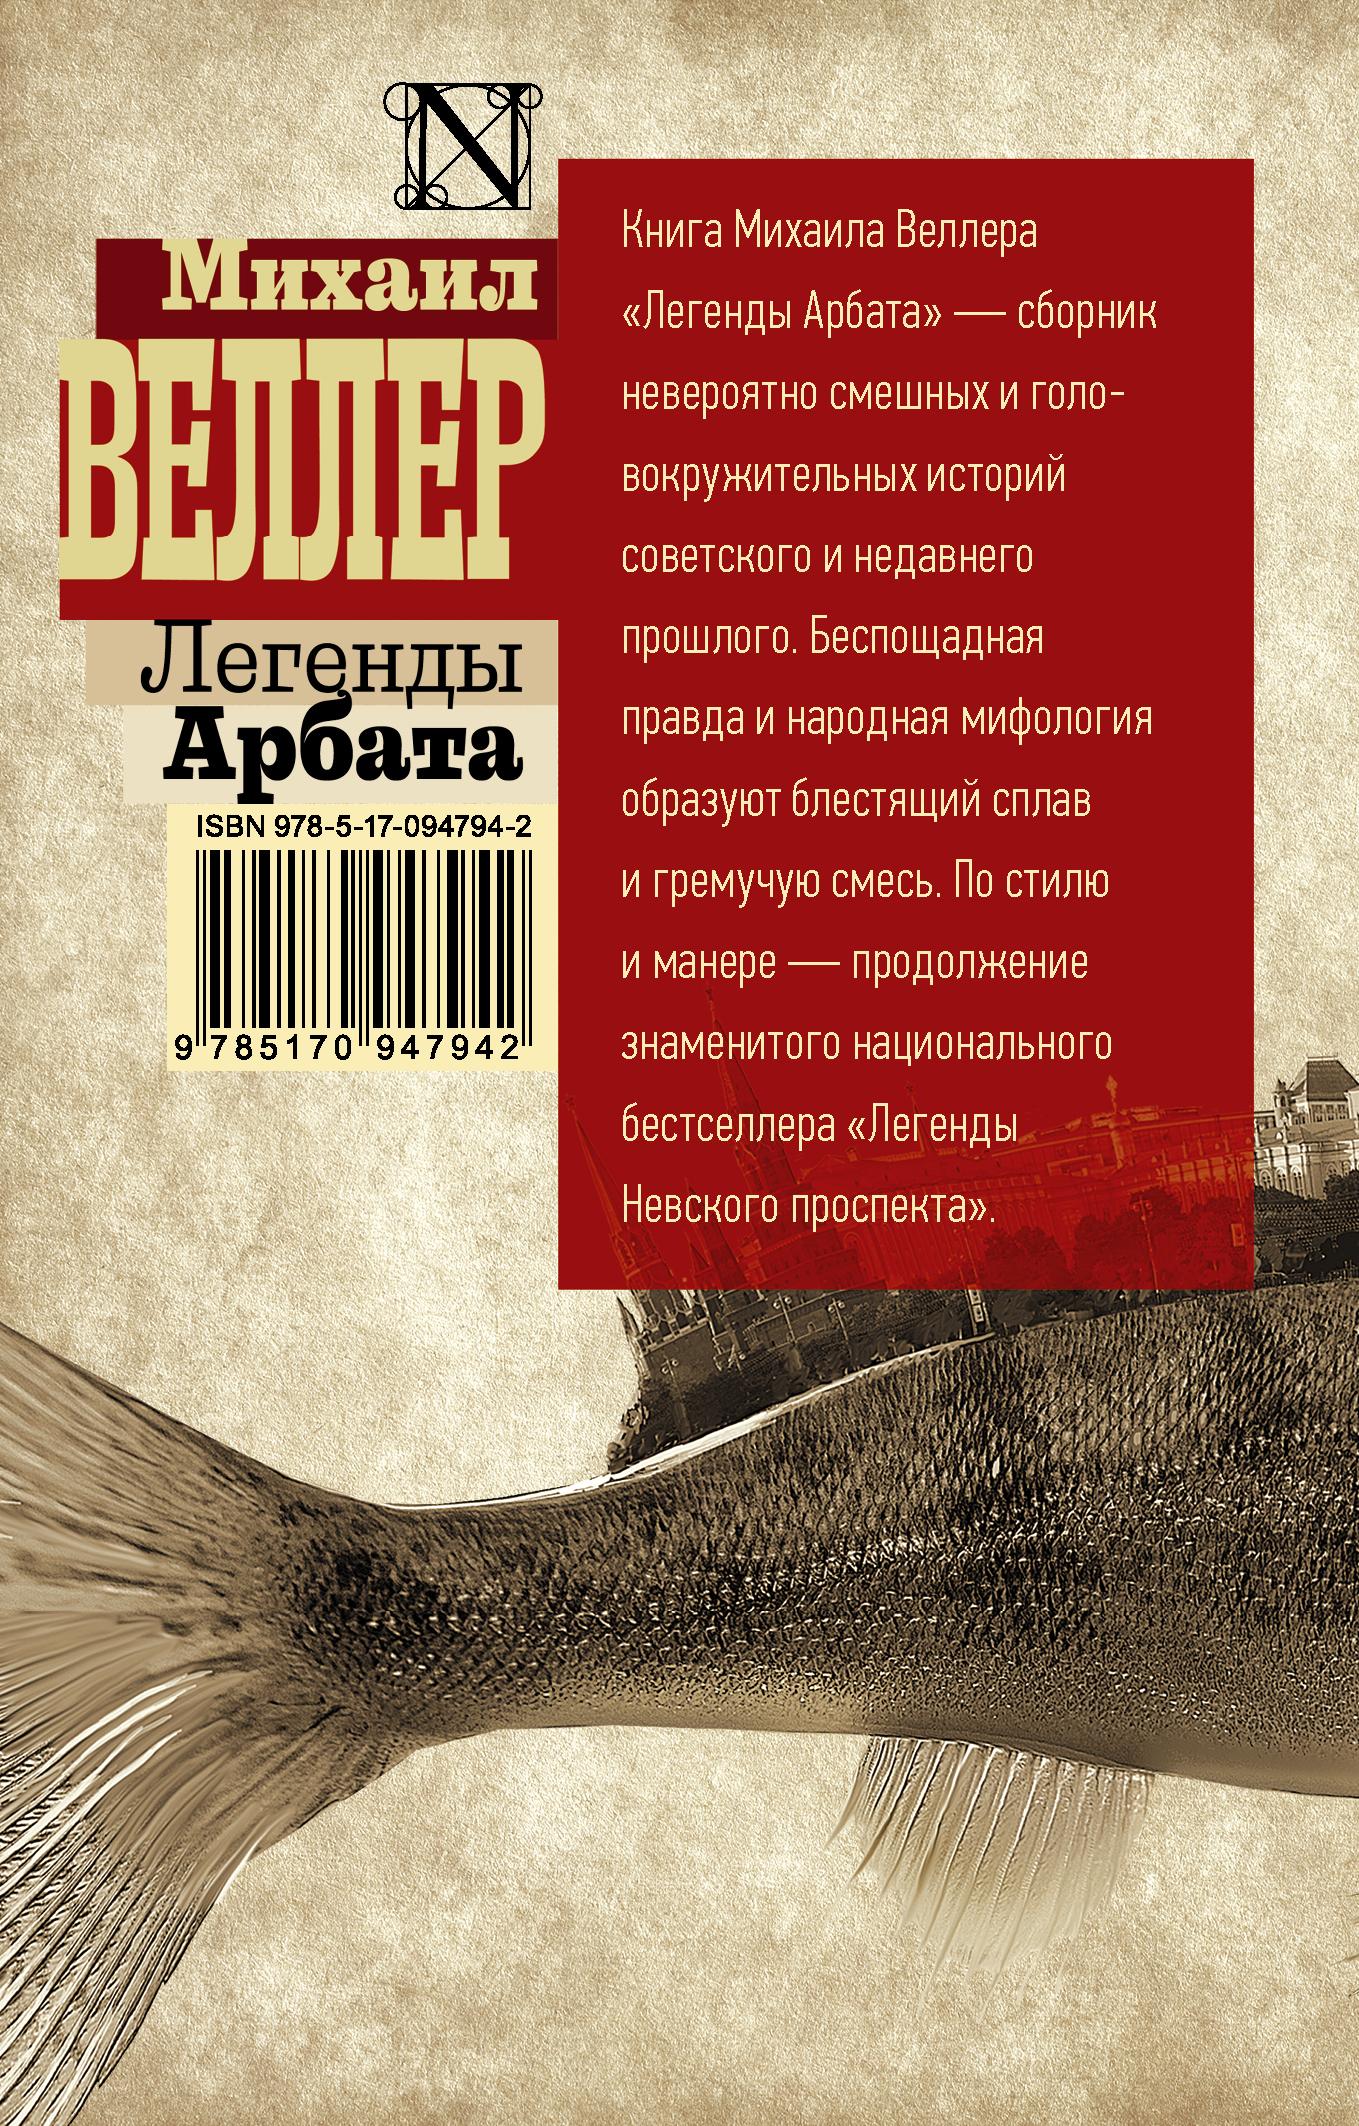 ВЕЛЛЕР МИХАИЛ ЛЕГЕНДЫ АРБАТА СКАЧАТЬ БЕСПЛАТНО